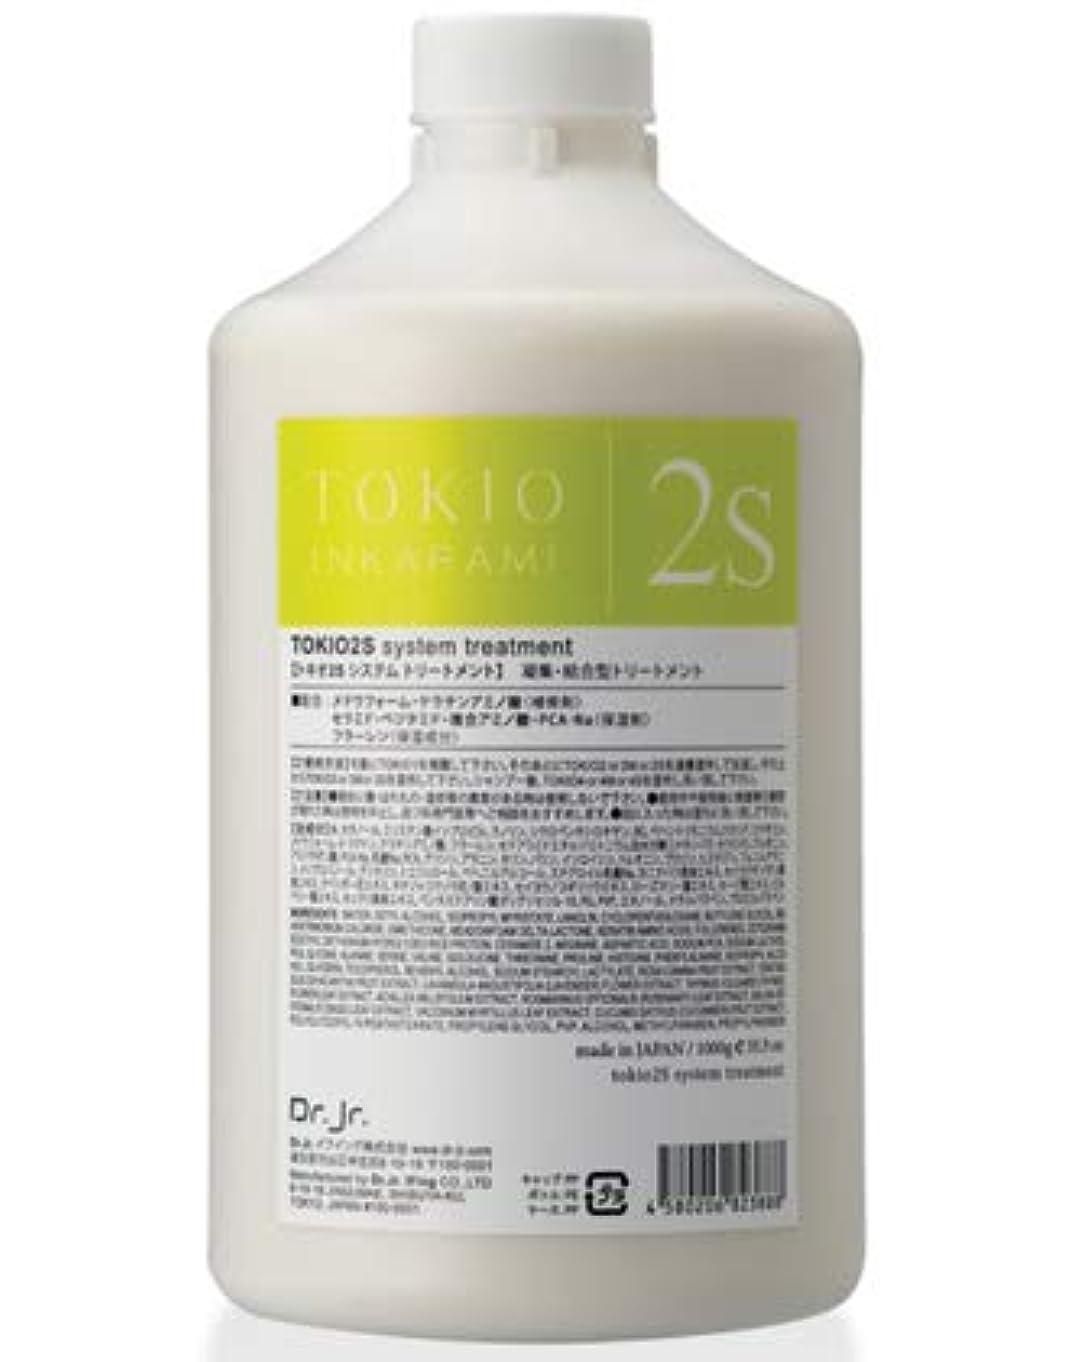 利点違法成熟したドクタージュニア TOKIO INKARAMI(トキオ インカラミ) システムトリートメント 2S 1000ml